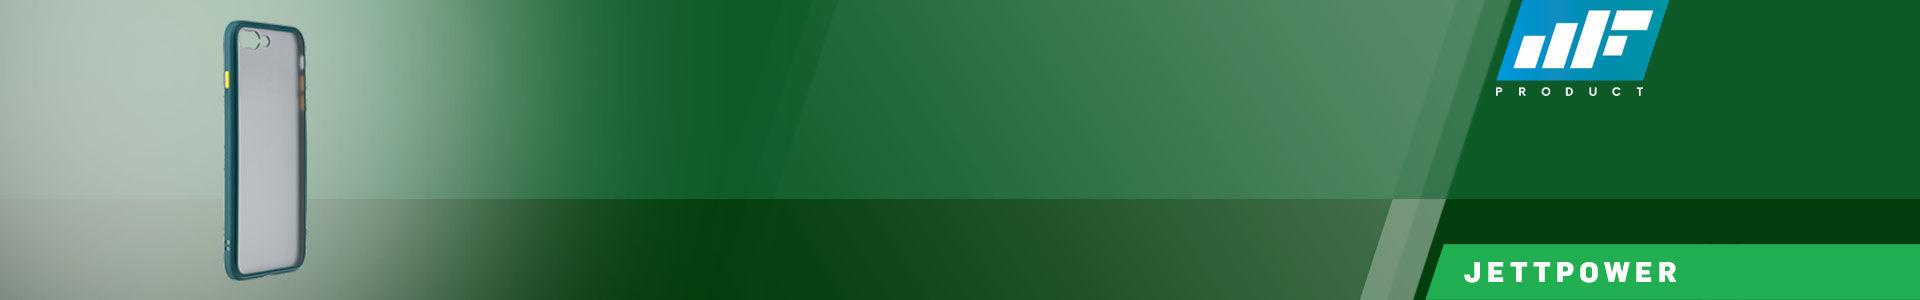 MF Product Jetpower 0301 Telefon Kılıfı iPhone 7/8 Plus Uyumlu Koyu Yeşil, telefonun için en doğru adrestesin!